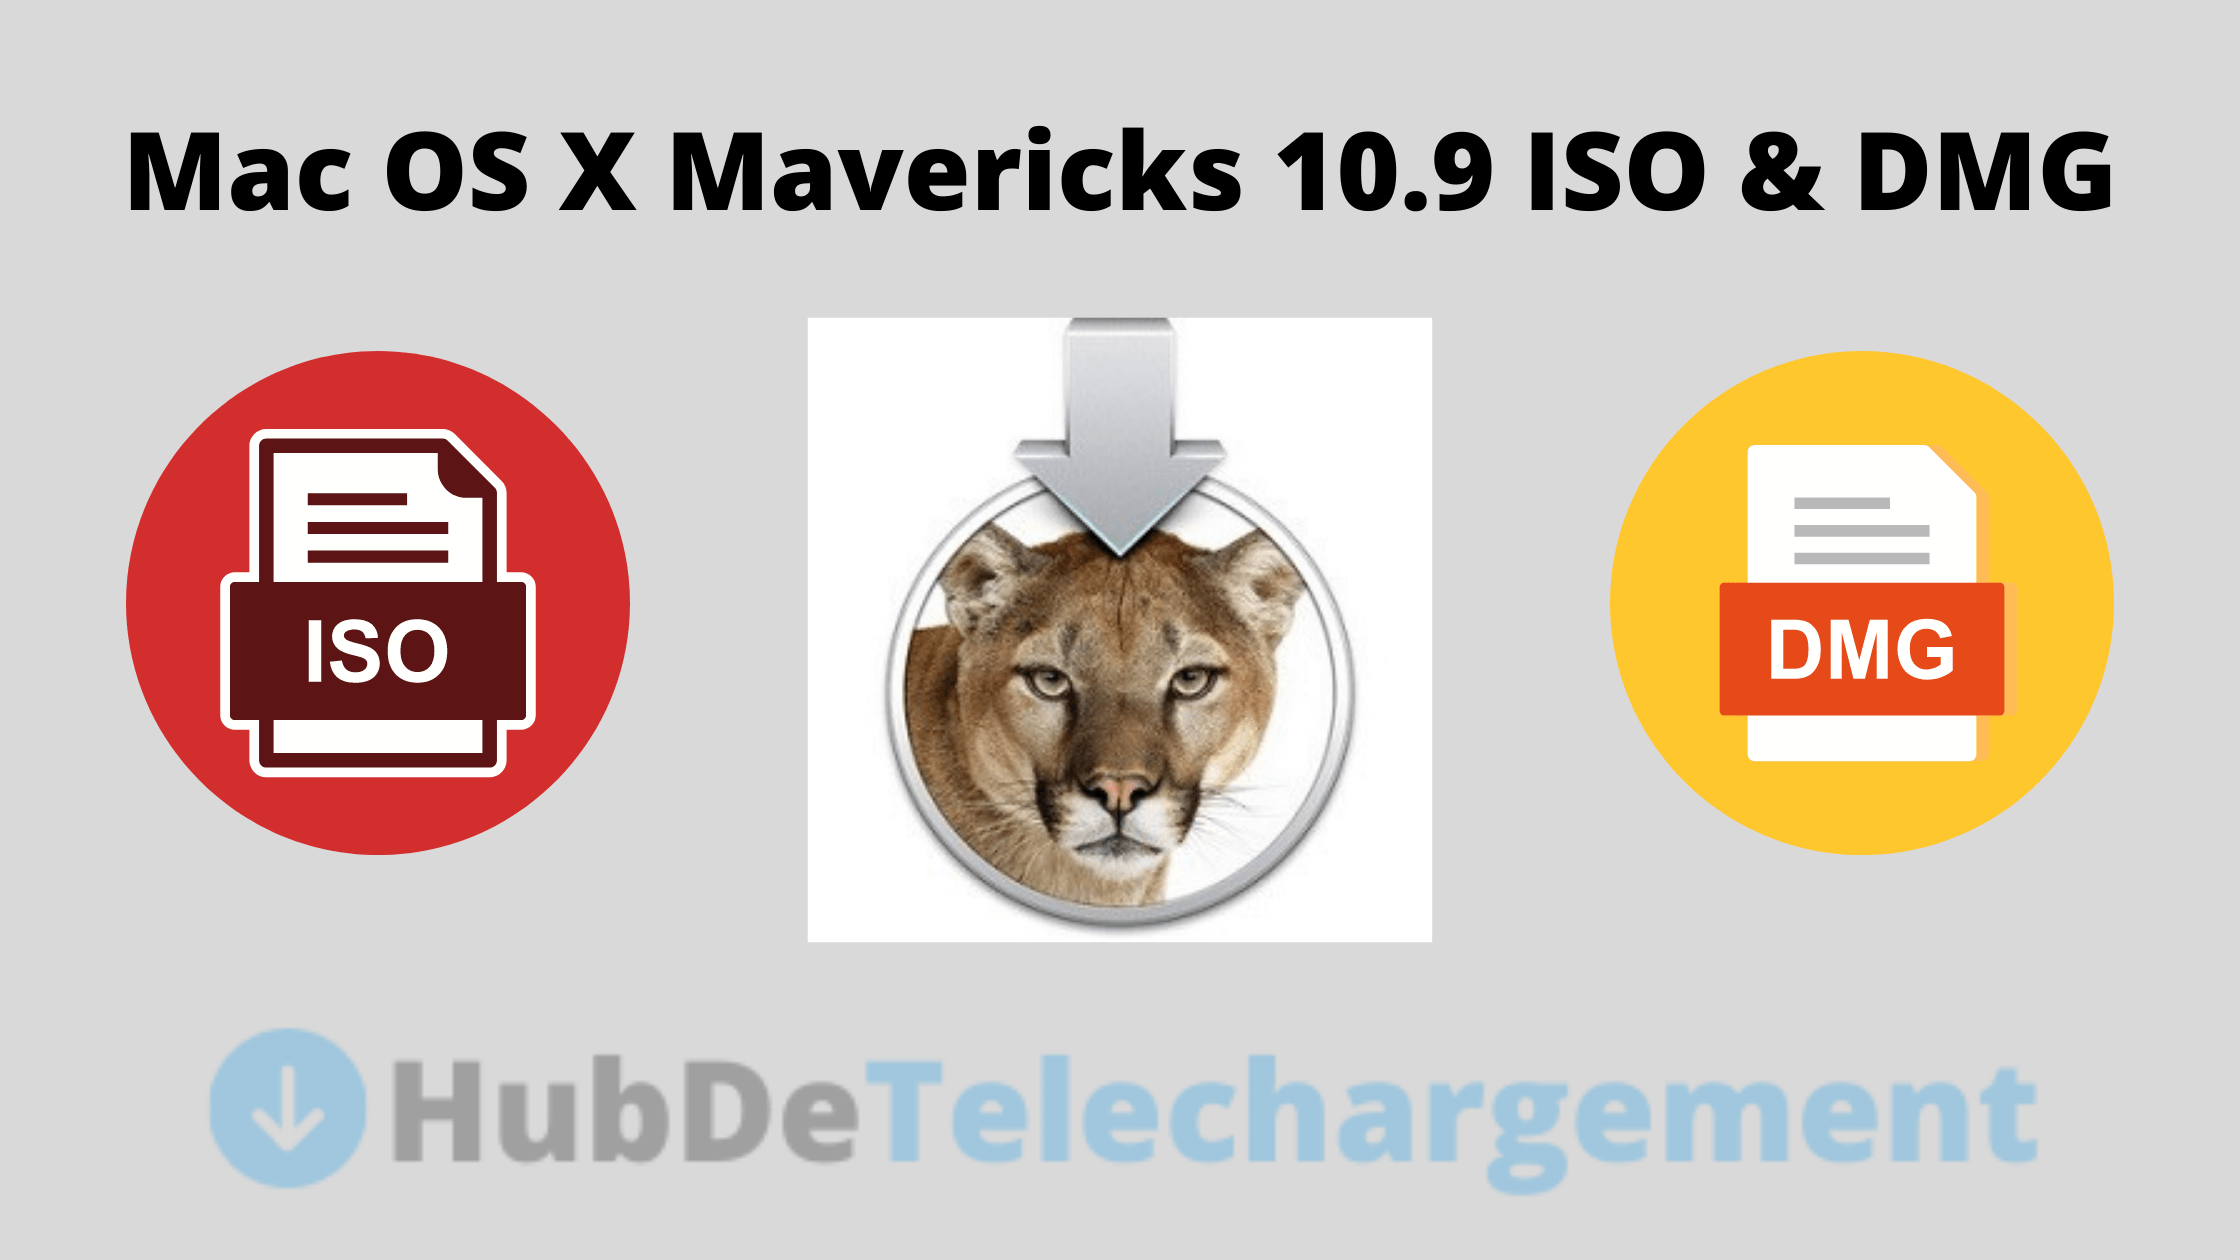 Mac OS X Mountain Lion 10.8